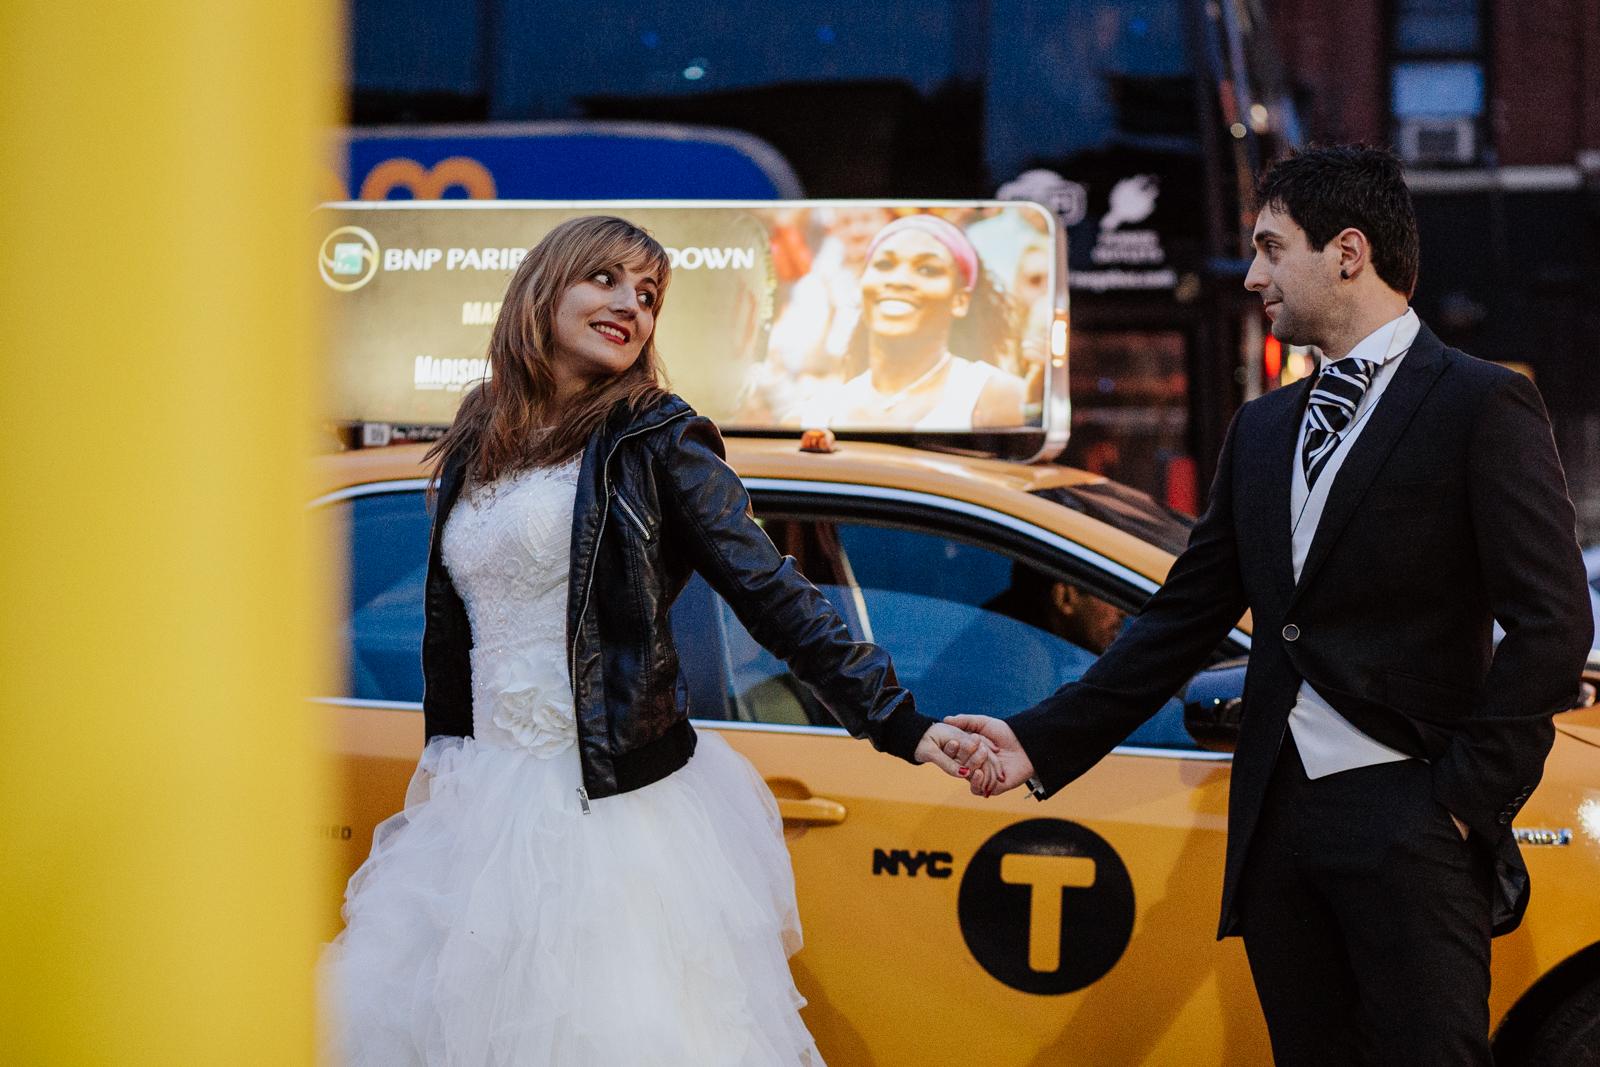 FOTOGRAFOS BODAS CANTABRIA SANTANDER POSTBODA NY NUEVA YORK LAURA Y SERGIO-23.jpg